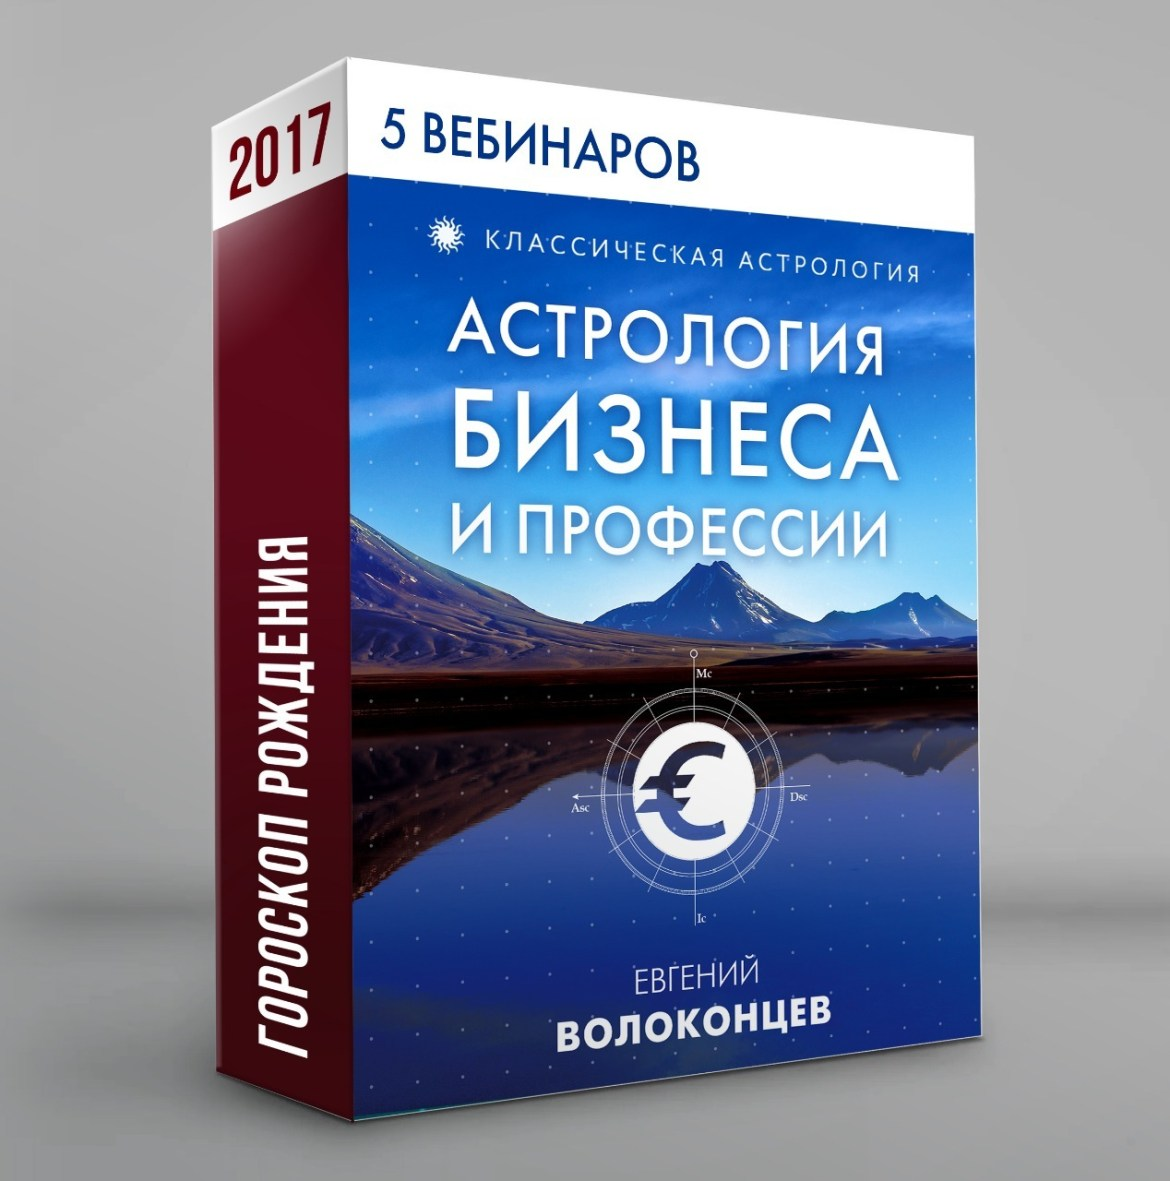 АСТРОЛОГИЯ БИЗНЕСА И ПРОФЕССИЙ, пять вебинаров в записи по 3 часа с презентациями. 00091